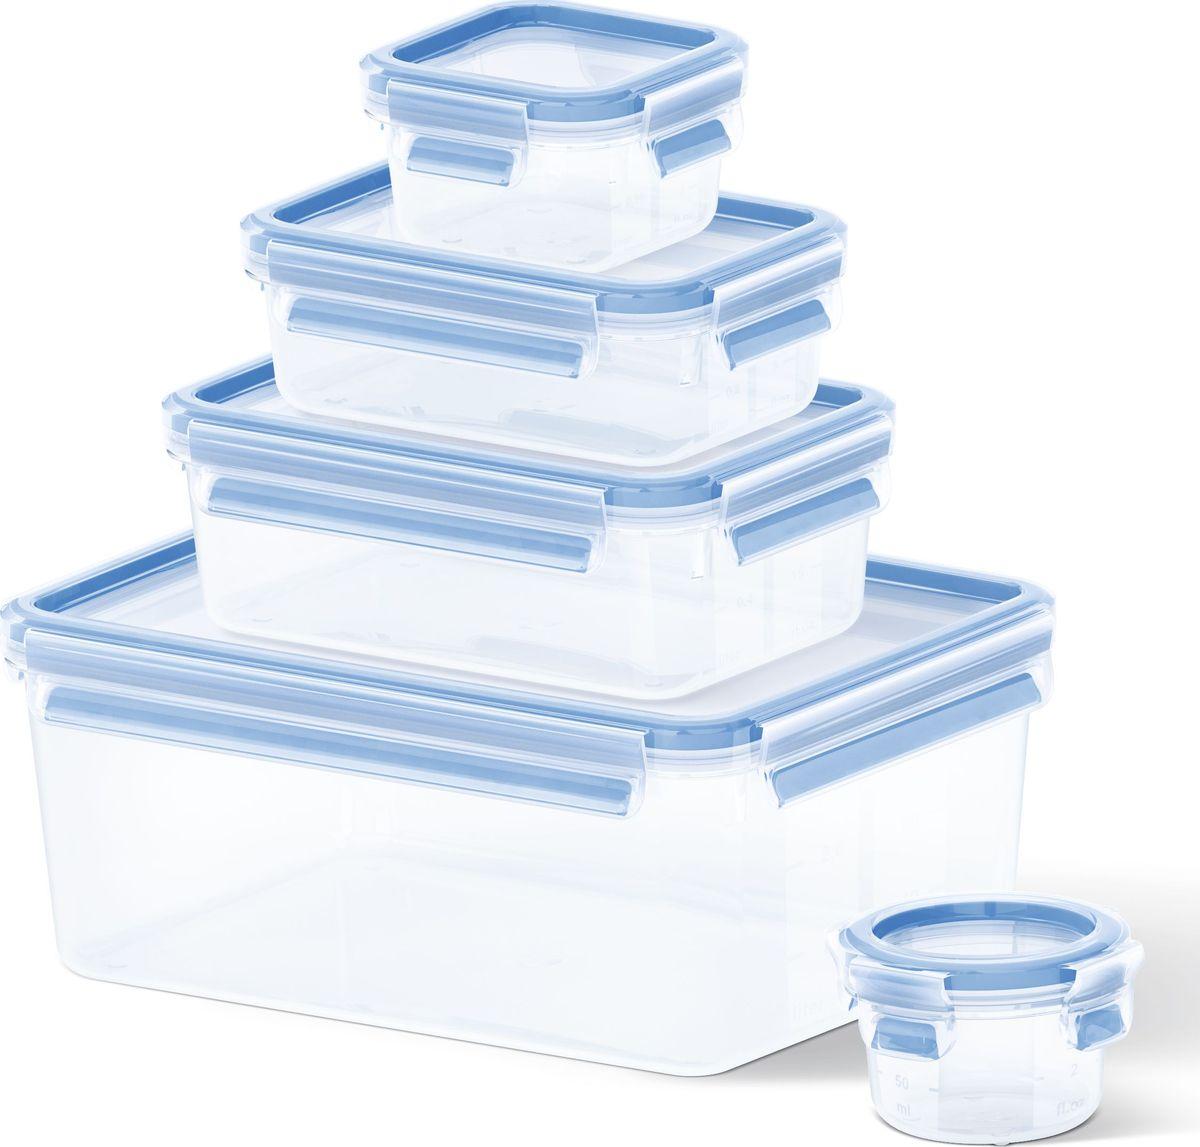 Набор контейнеров Emsa Clip&Close, 5 шт4630003364517Набор контейнеров Emsa Clip&Close изготовлен из высококачественного антибактериального пищевого пластика, имеющего сертификат BPA-free, который выдерживает температуру от -40°С до +110°С, не впитывает запахи и не изменяет цвет. Это абсолютно гигиеничный продукт, который подходит для хранения даже детского питания. 100% герметичность - идеально не только для хранения, но и для транспортировки пищи. Герметичность достигается за счет специальных силиконовых прослоек, которые позволяют использовать контейнер для хранения не только пищи, но и жидкости. В таком контейнере продукты долгое время сохраняют свою свежесть - до 4-х раз дольше по сравнению с обычными, в том числе и вакуумными контейнерами. 100% гигиеничность - уникальная технология применения медицинского силикона в уплотнителе крышки: никаких полостей - никаких микробов. Изделие снабжено крышкой, плотно закрывающейся на 4 защелки. 100% удобство - прозрачные стенки позволяют просматривать содержимое, сохранение пространства за счёт лёгкой установки контейнеров друг на друга. Изделие подходит для домашнего использования, для пикников, поездок, отдыха на природе, его можно взять с собой на работу или учебу. Можно использовать в СВЧ-печах, холодильниках, посудомоечных машинах, морозильных камерах.Размер контейнеров: 0,15 л - 9,2 x 5,9 см0,25 л - 10,2 x 10,2 x 5,9 см0,55 л - 16,3 x 11,3 x 5,8 см1 л - 19,7 x 13,6 x 7,2 см3,7 л - 26,3 x 19,5 x 11 см.